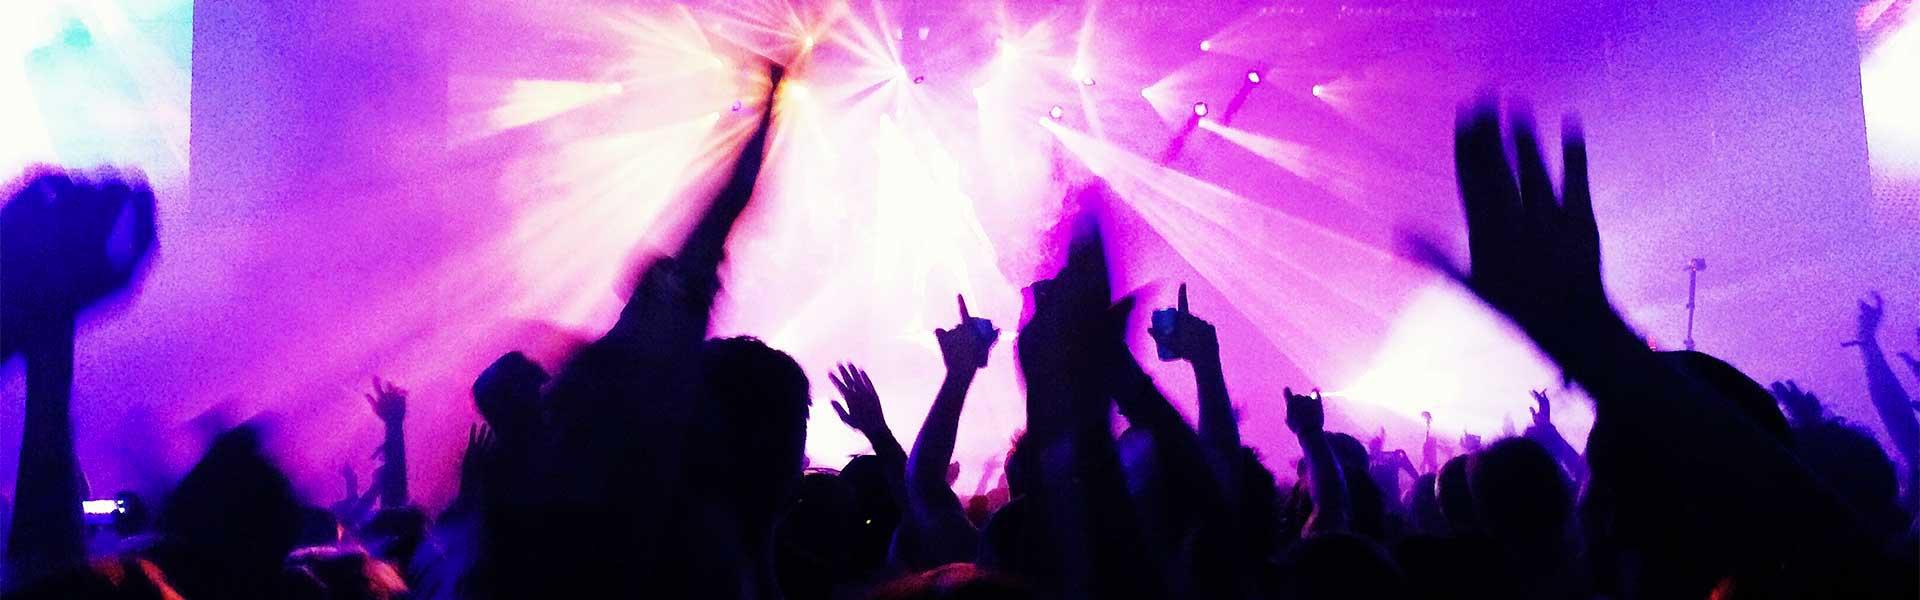 Clubs Tanzen und Weggehen in Paris